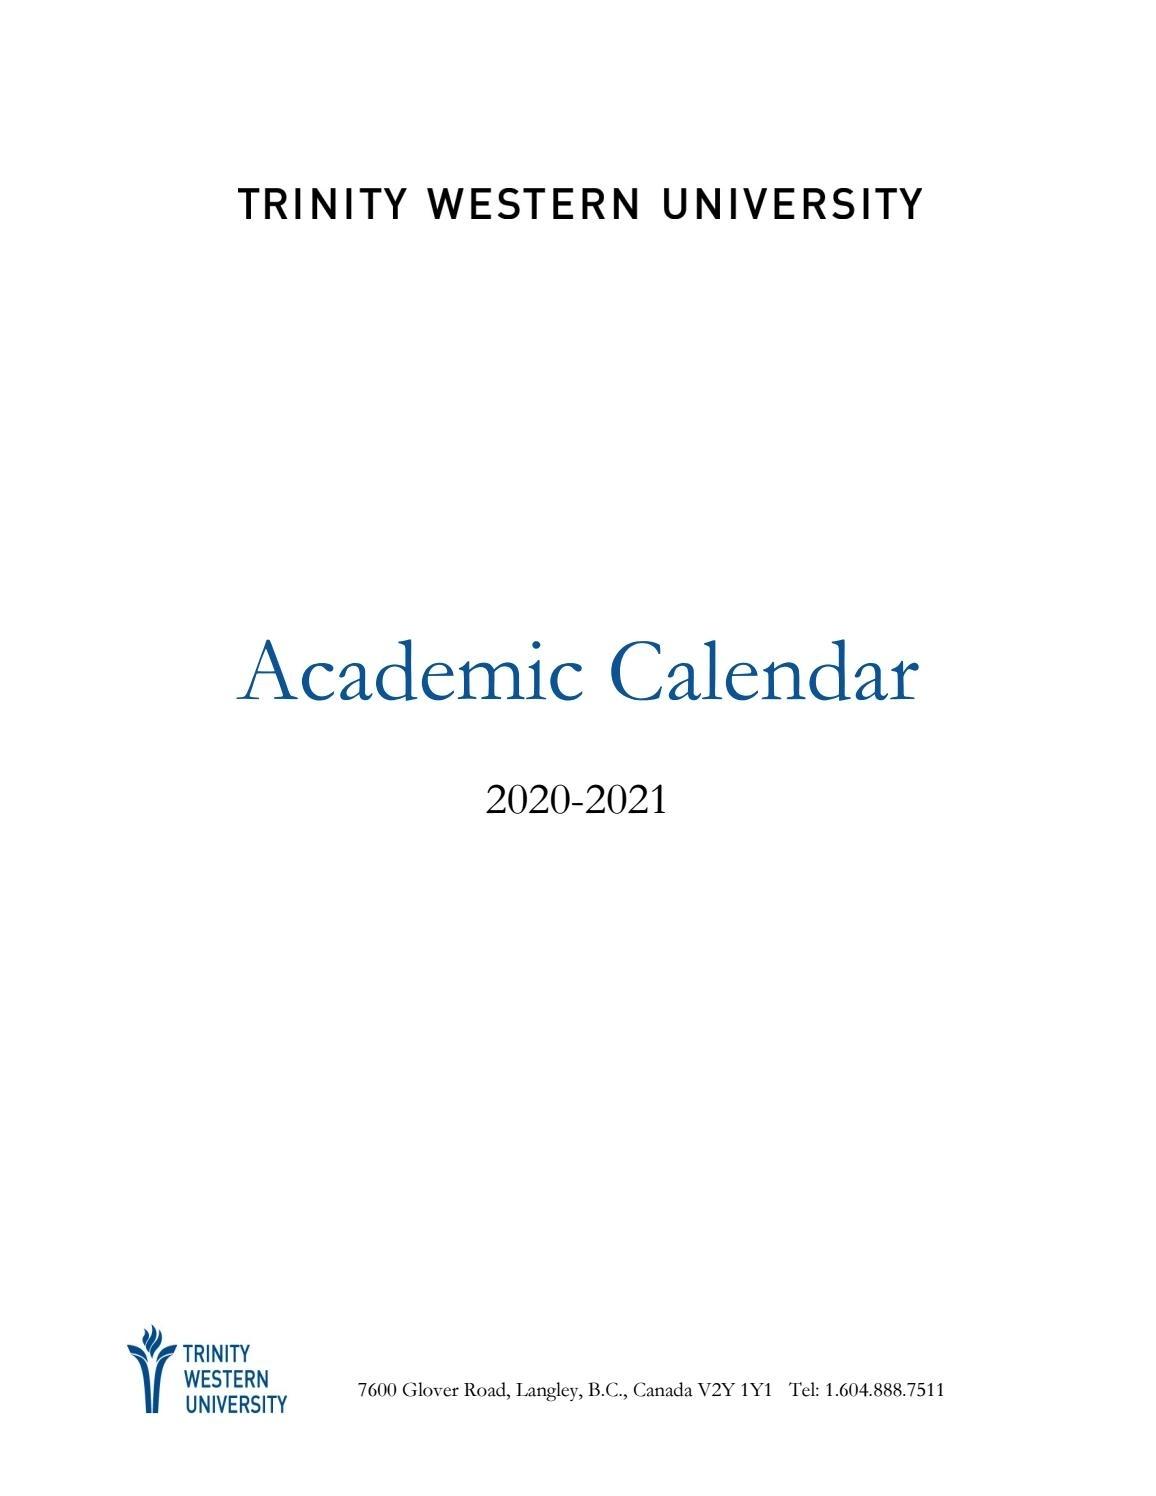 Academic Calendar 2020-21 By Twu - Issuu